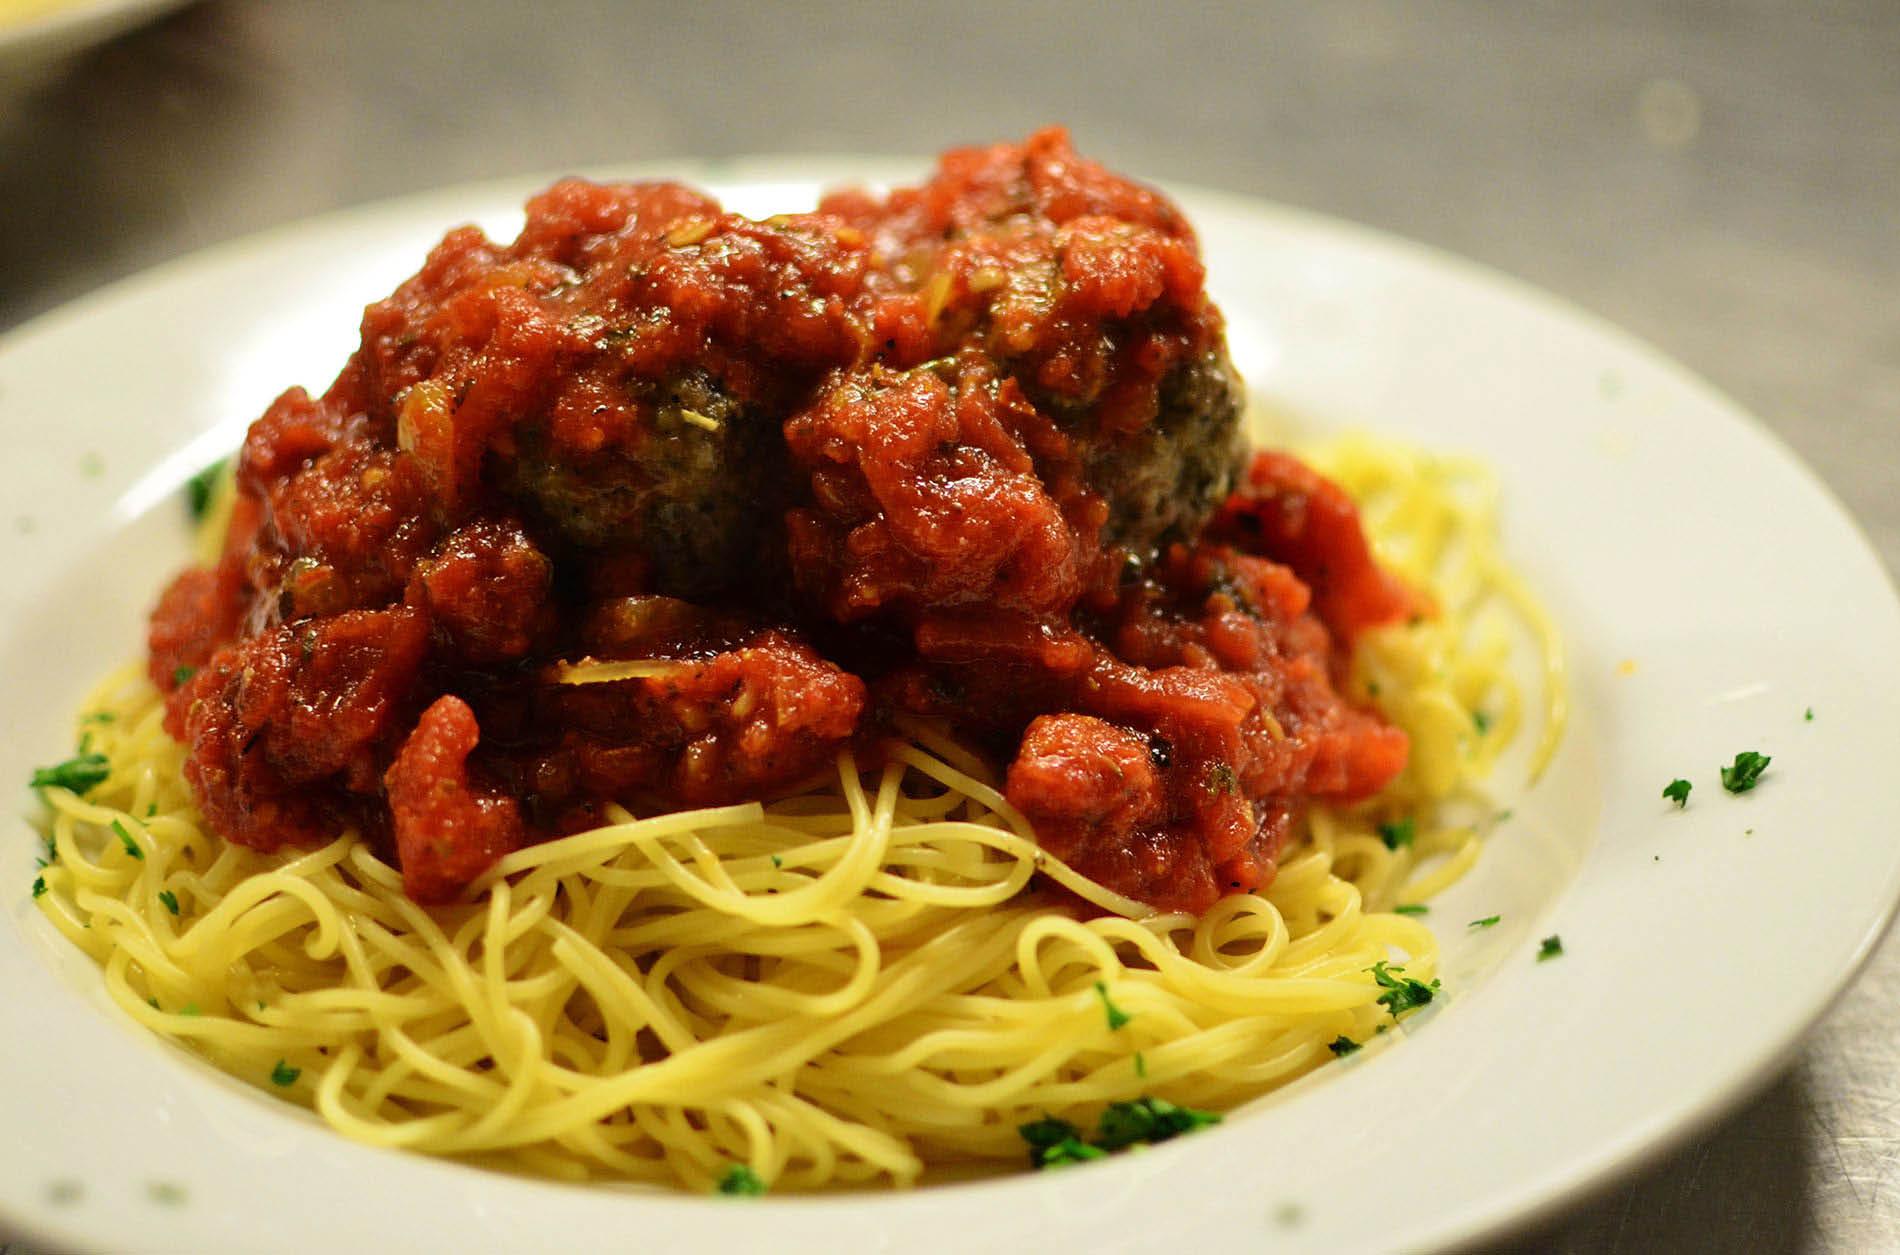 Spaghetti & Meatballs from Casa de Pasta in Randolph NJ